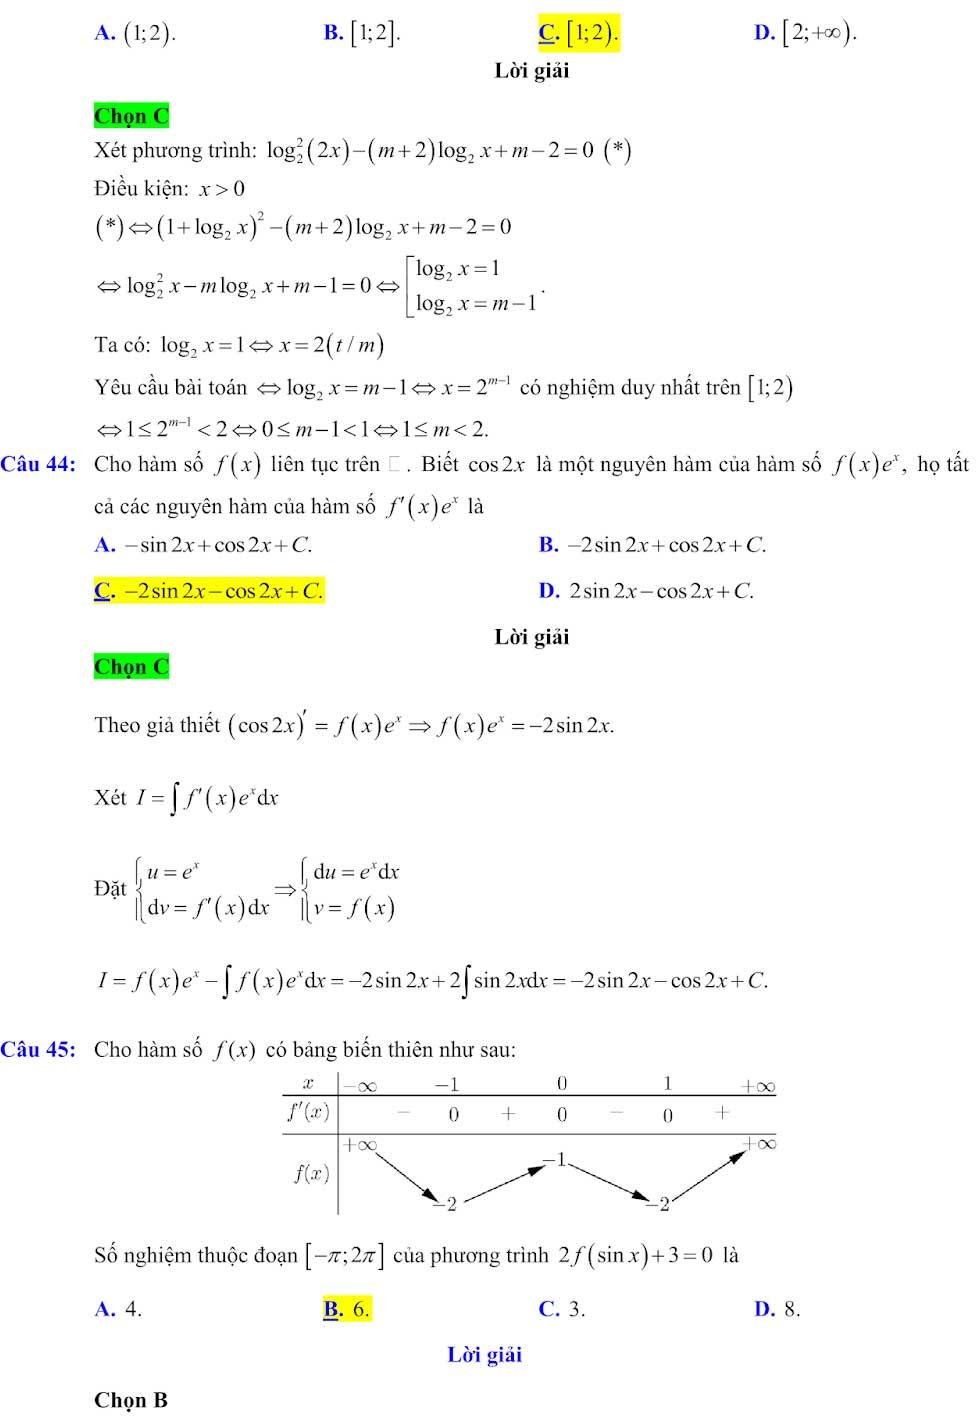 Đáp án đề minh họa thi thpt quốc gia môn toán 2020 lần 1_16